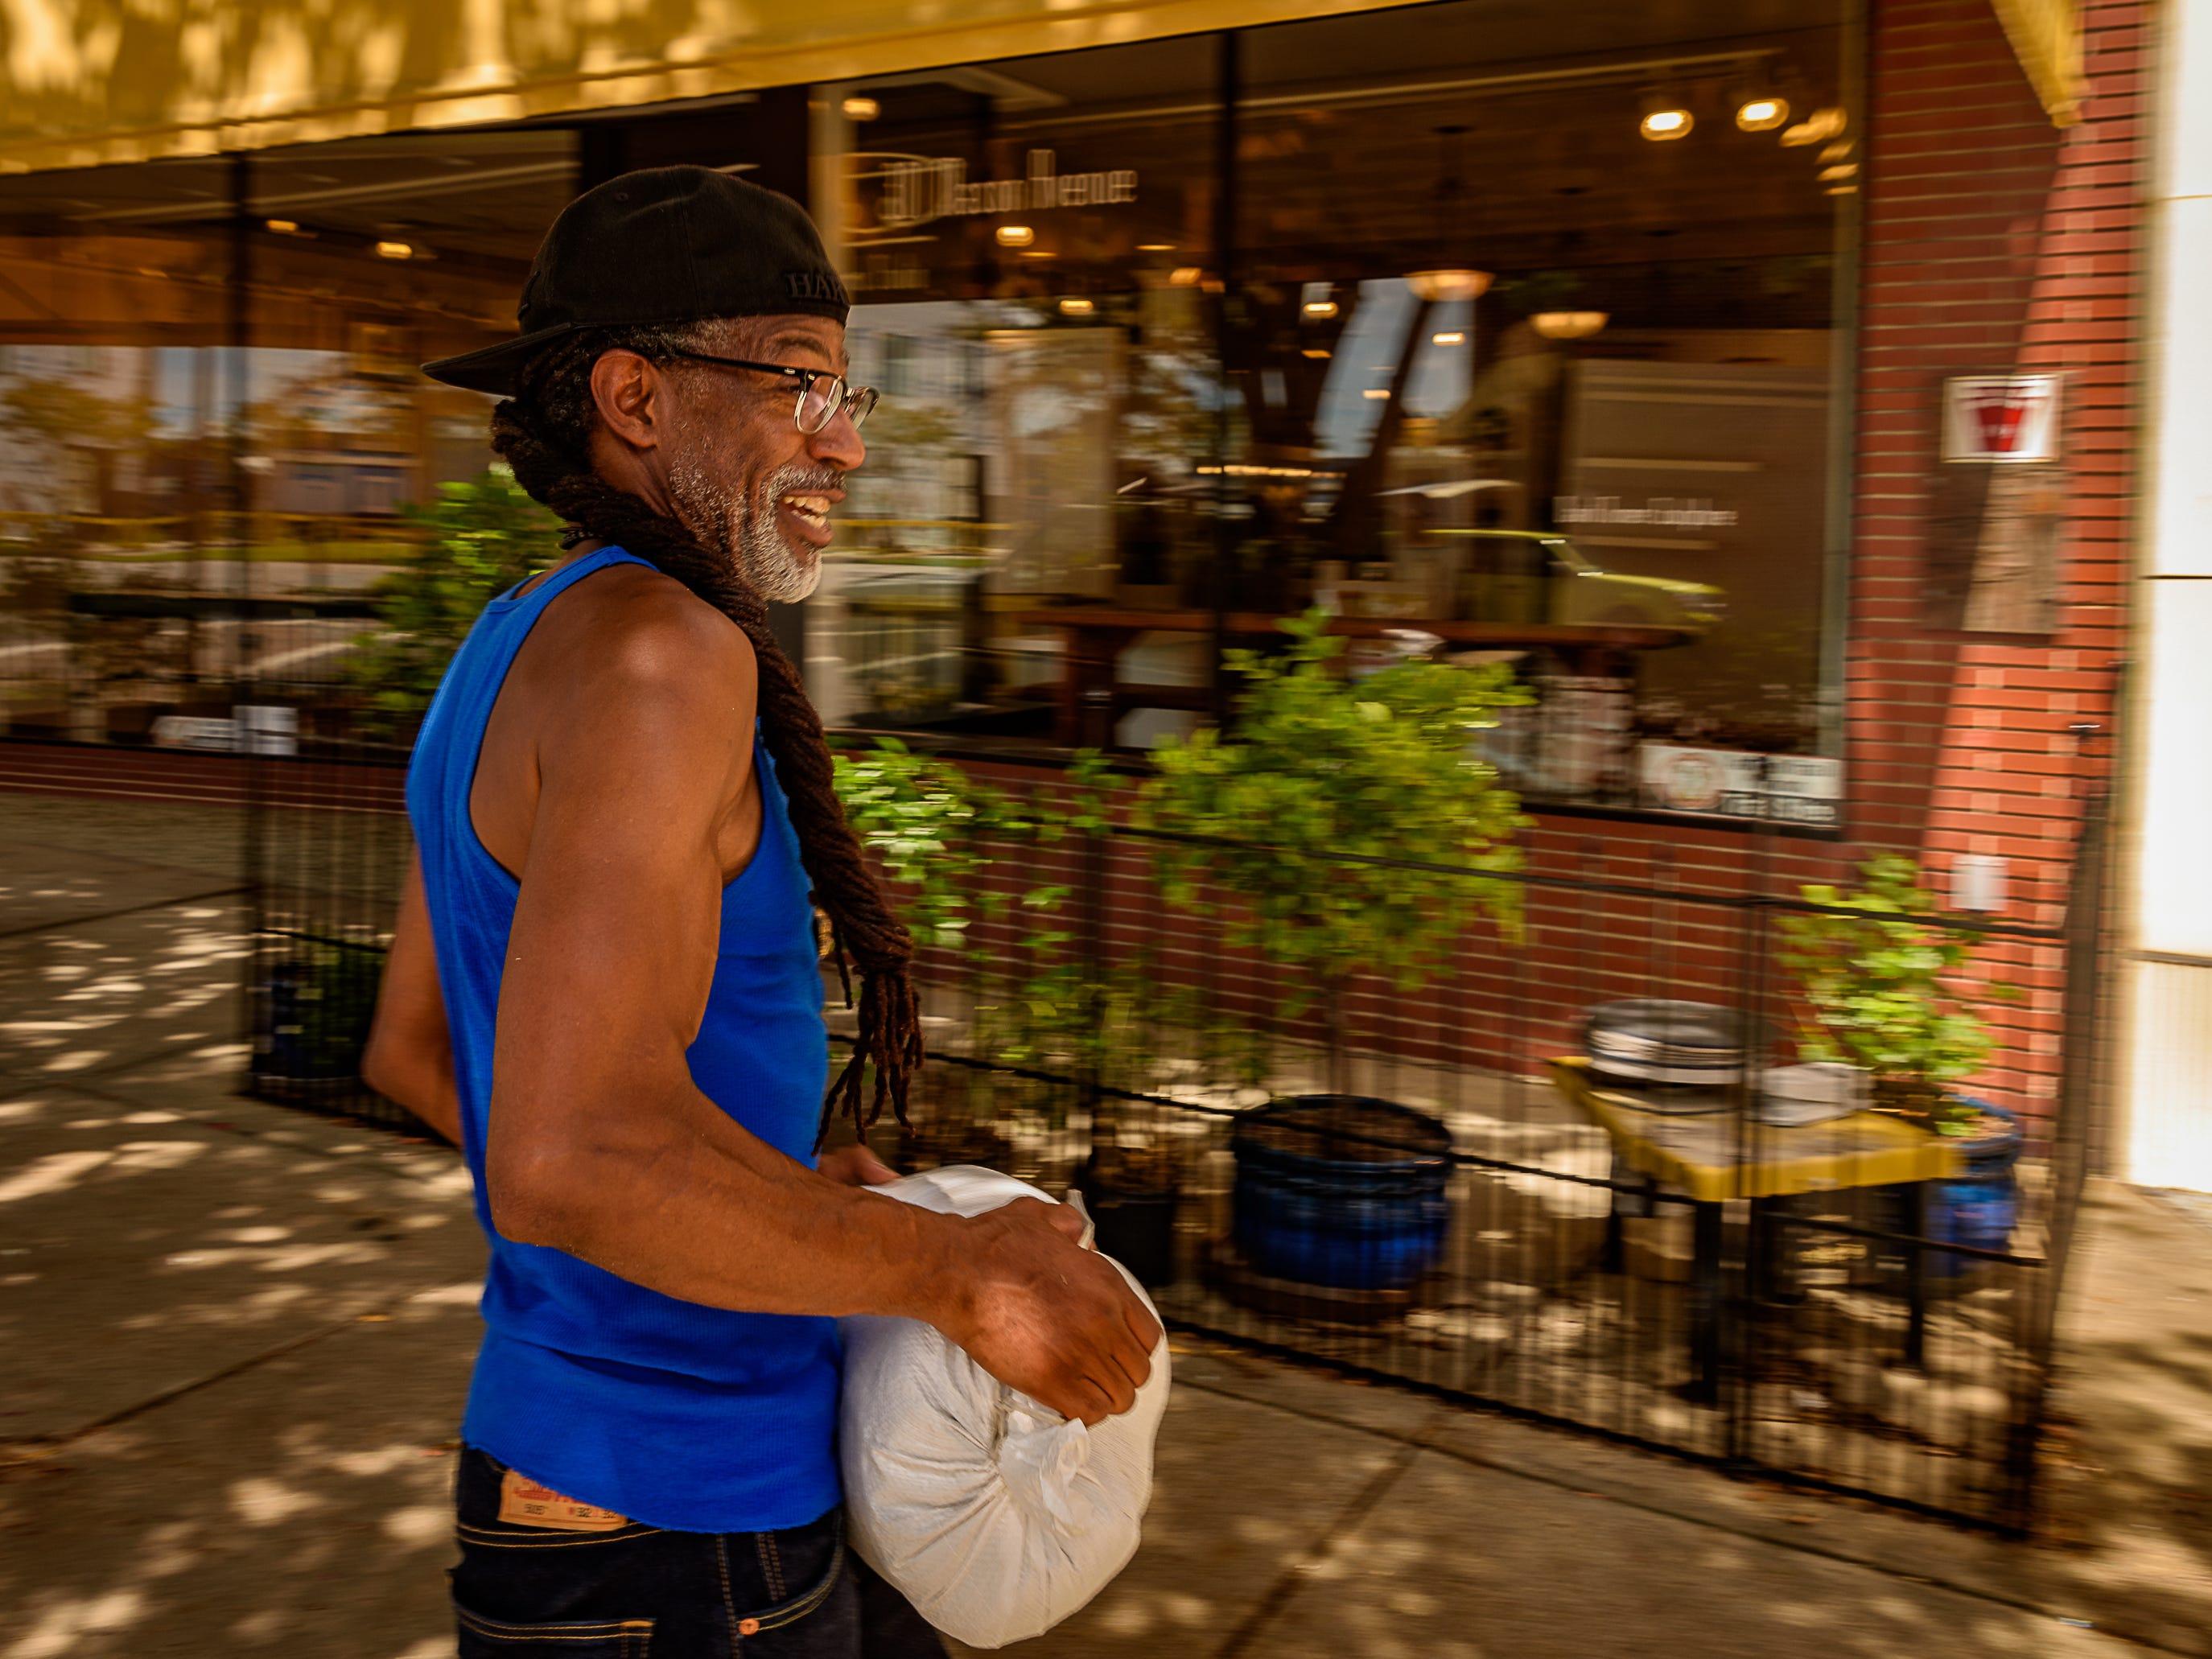 Cape Charles resident Leland Sharp stacks sandbags in front of Lemon Tree Gallery in preparation for Hurricane Florence.